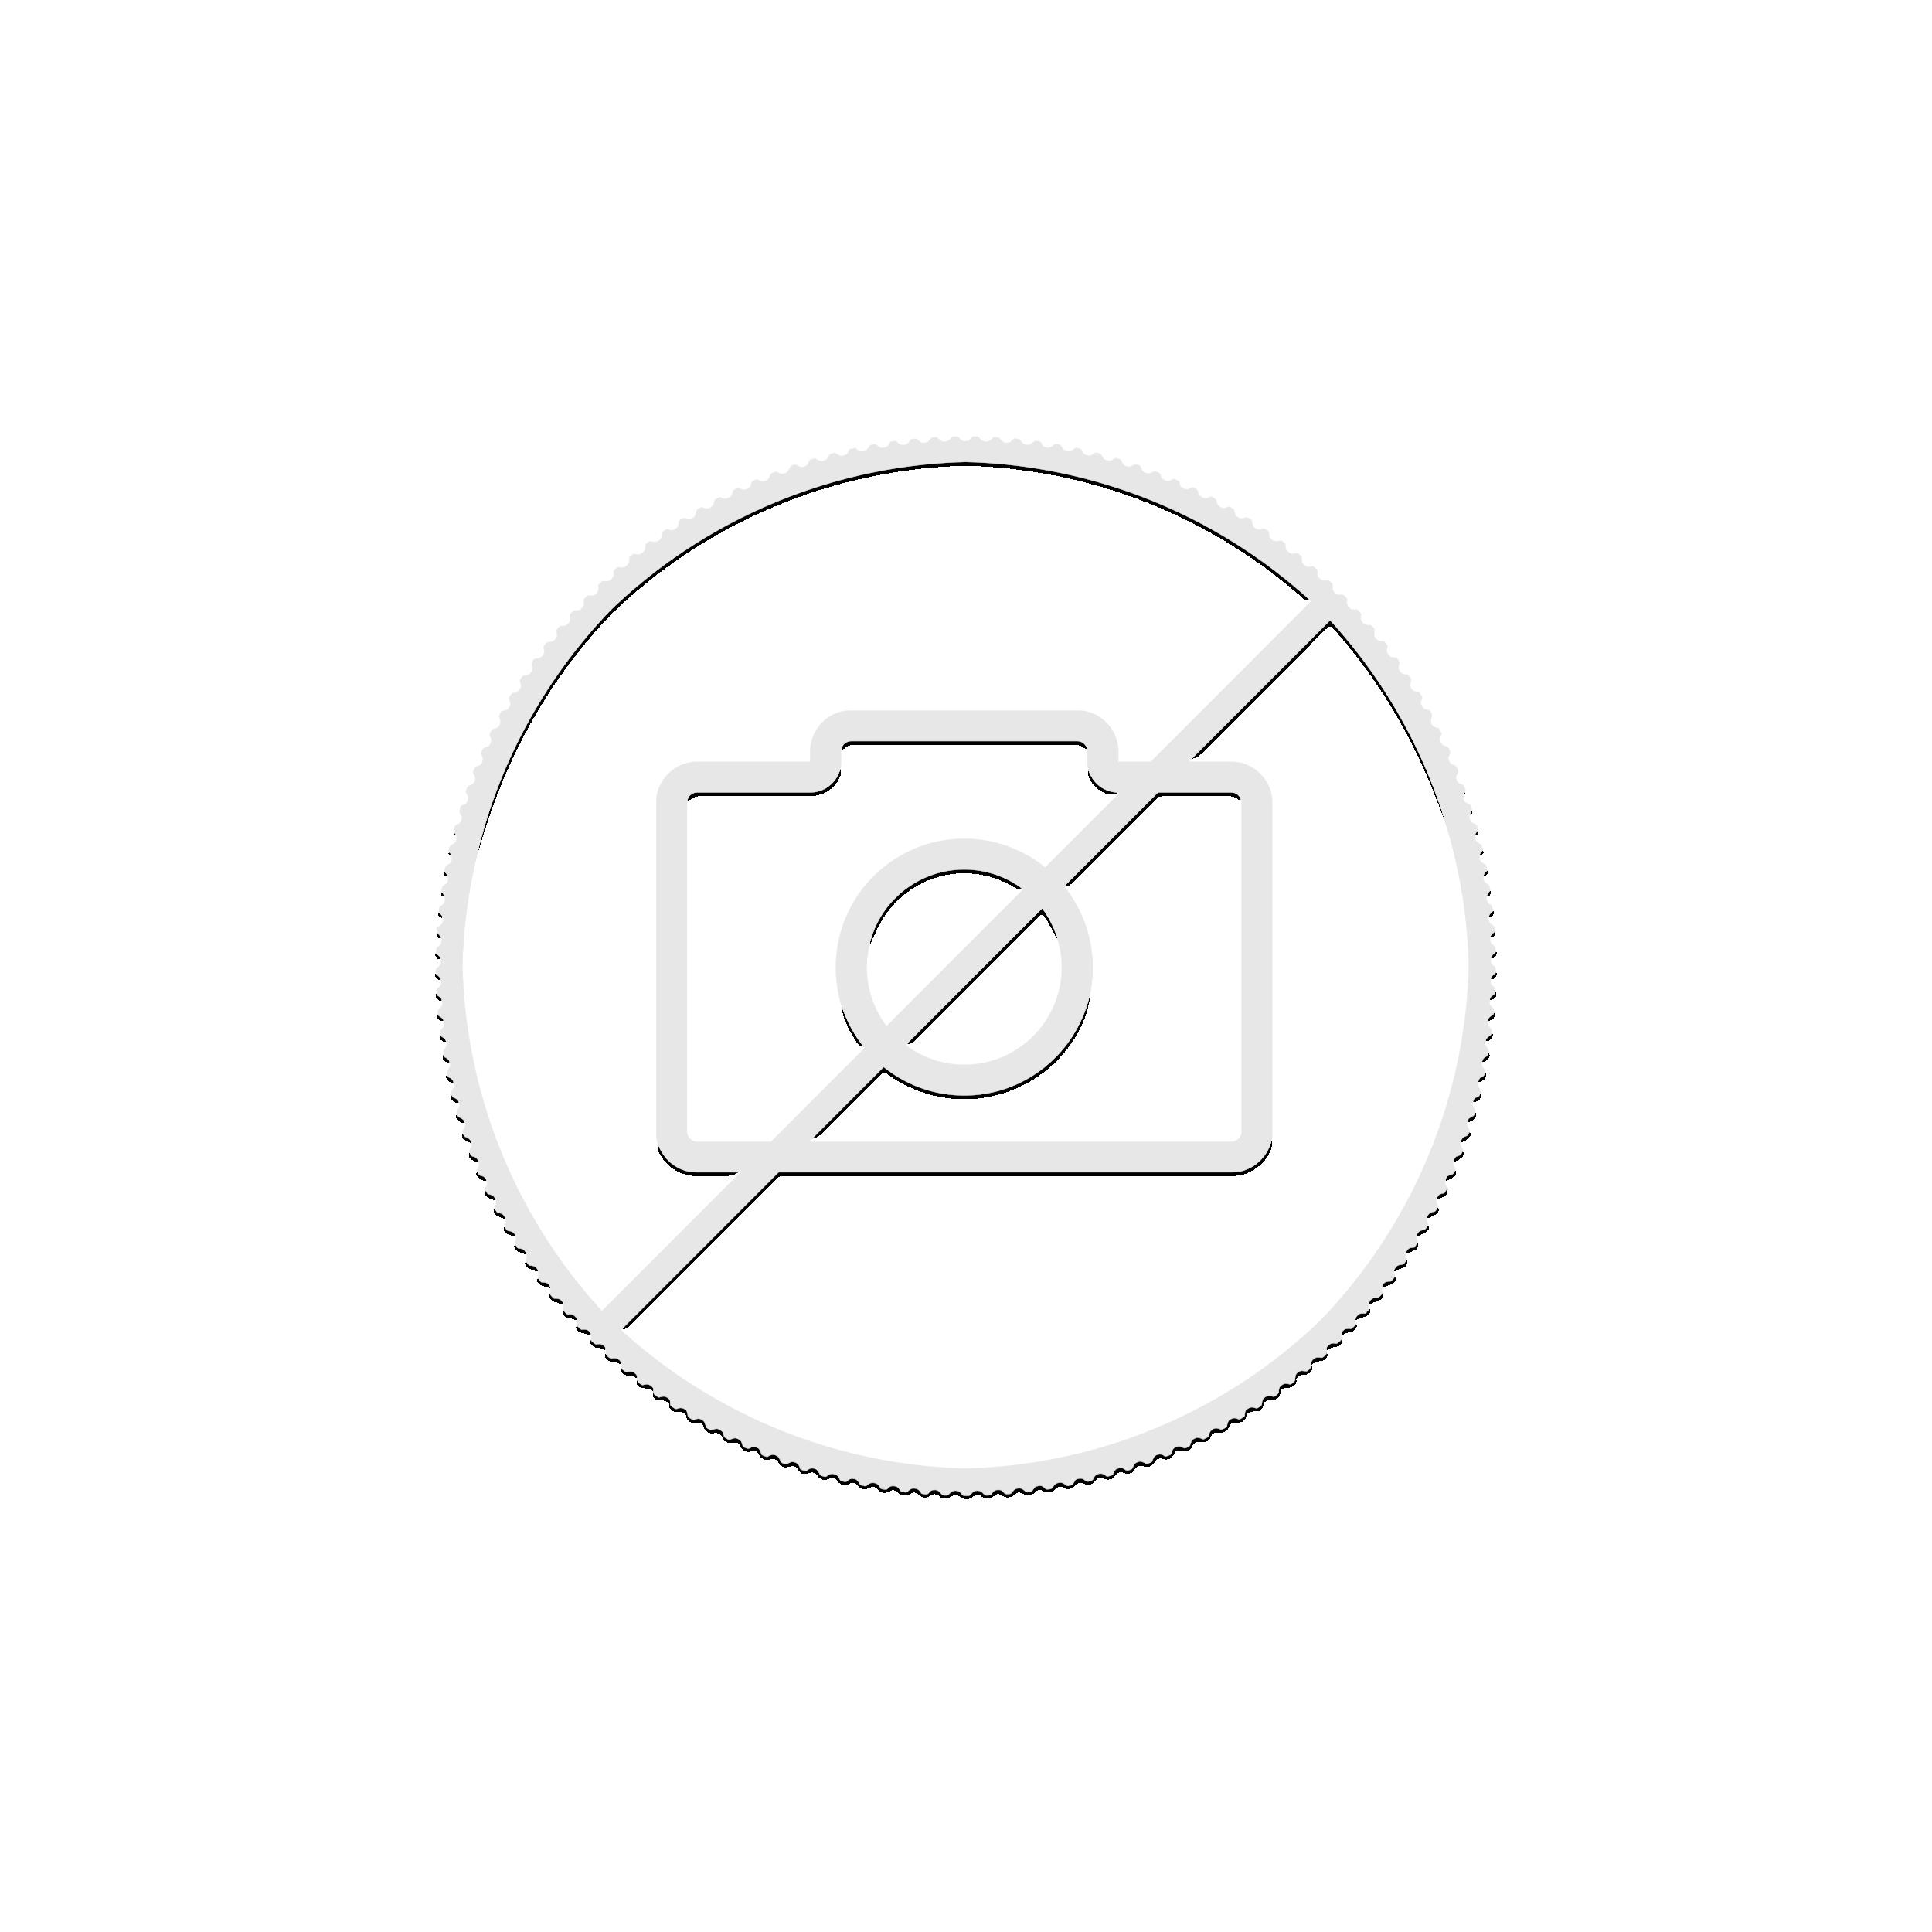 1/4 Troy ounce gold coin Lunar 2020